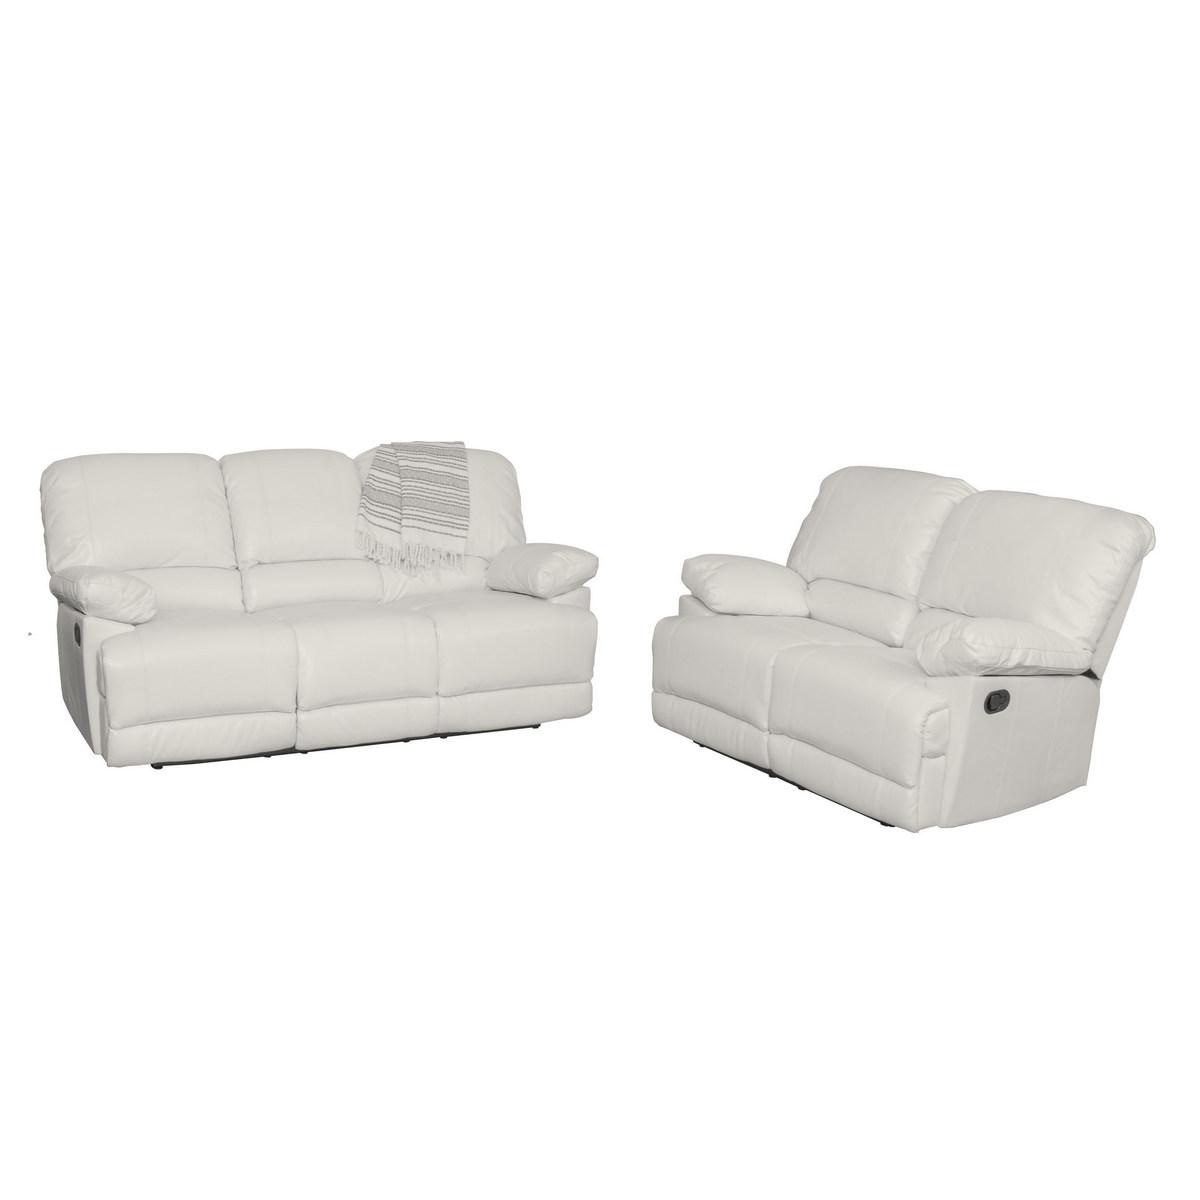 White Bonded Leather Reclining Sofa Set